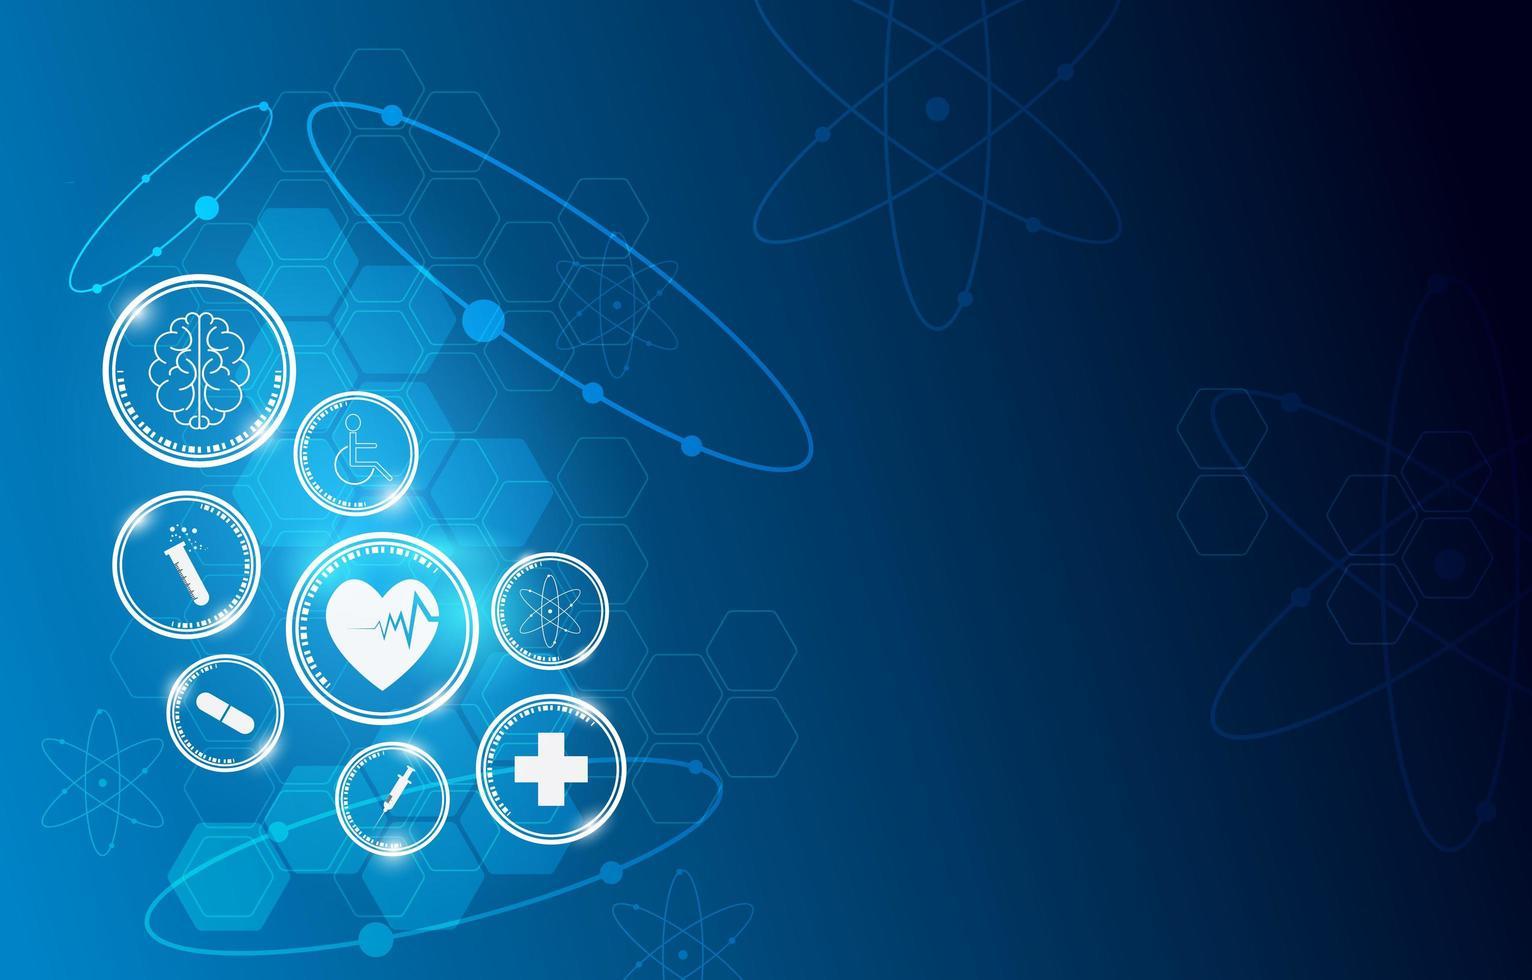 conception d'innovation icône médicale circulaire vecteur